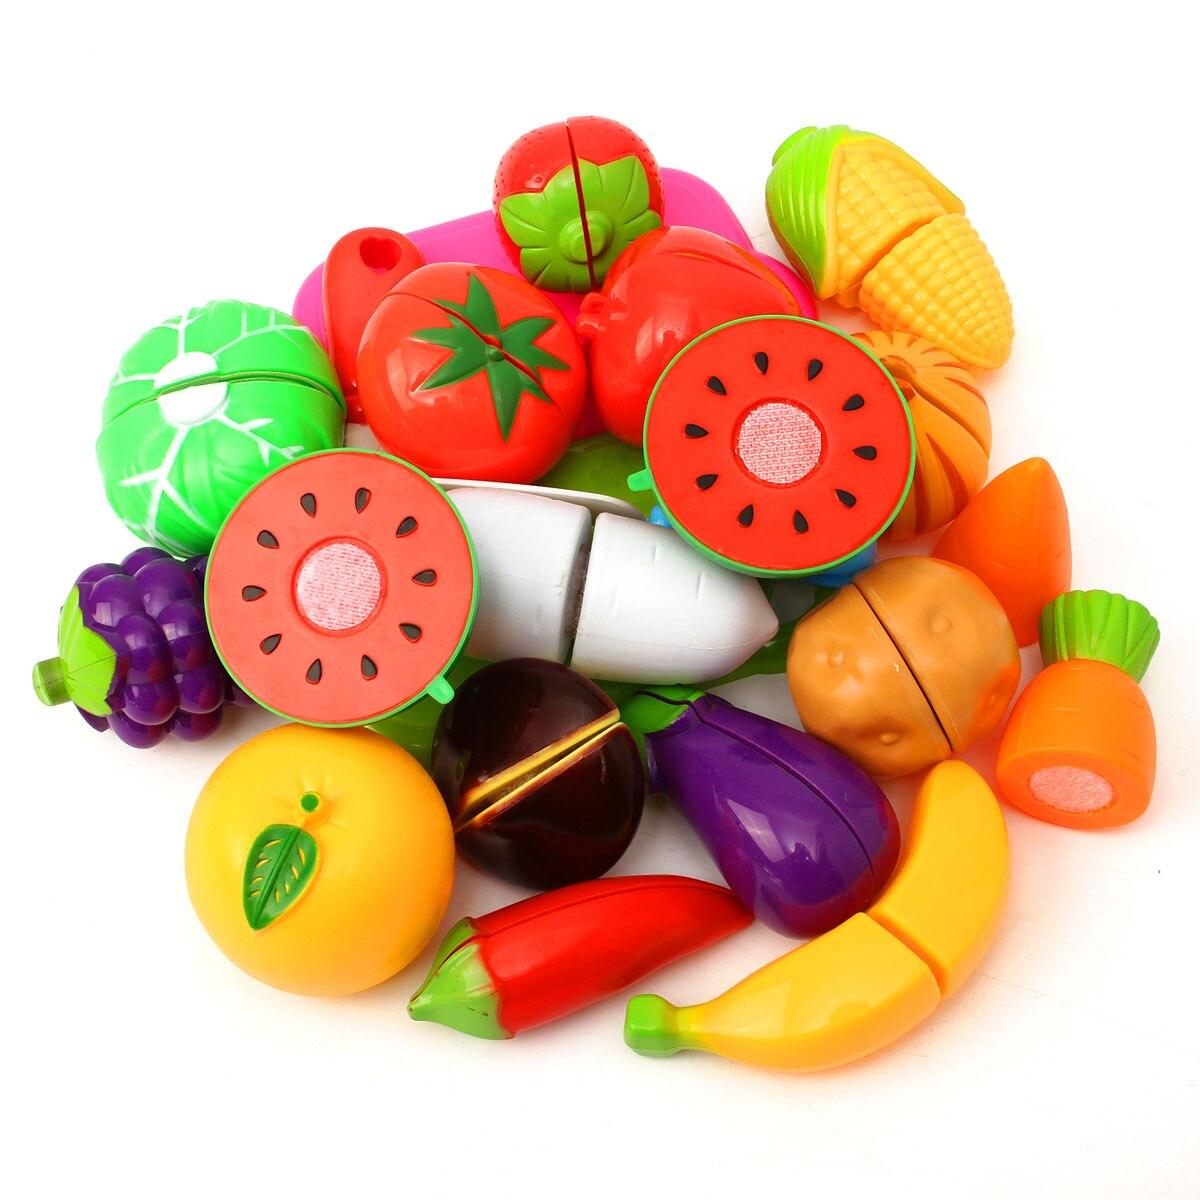 Поделки игрушечная еда овощи фрукты